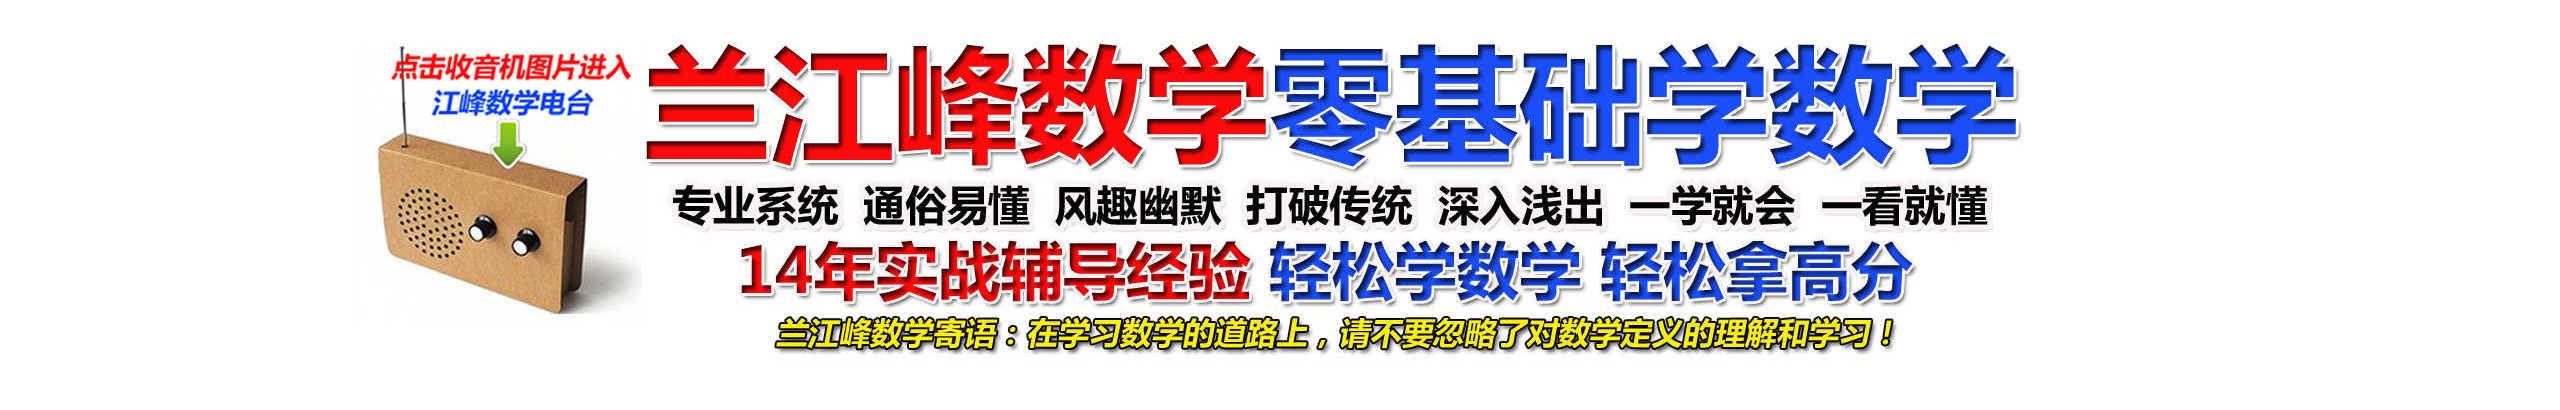 兰江峰数学 banner